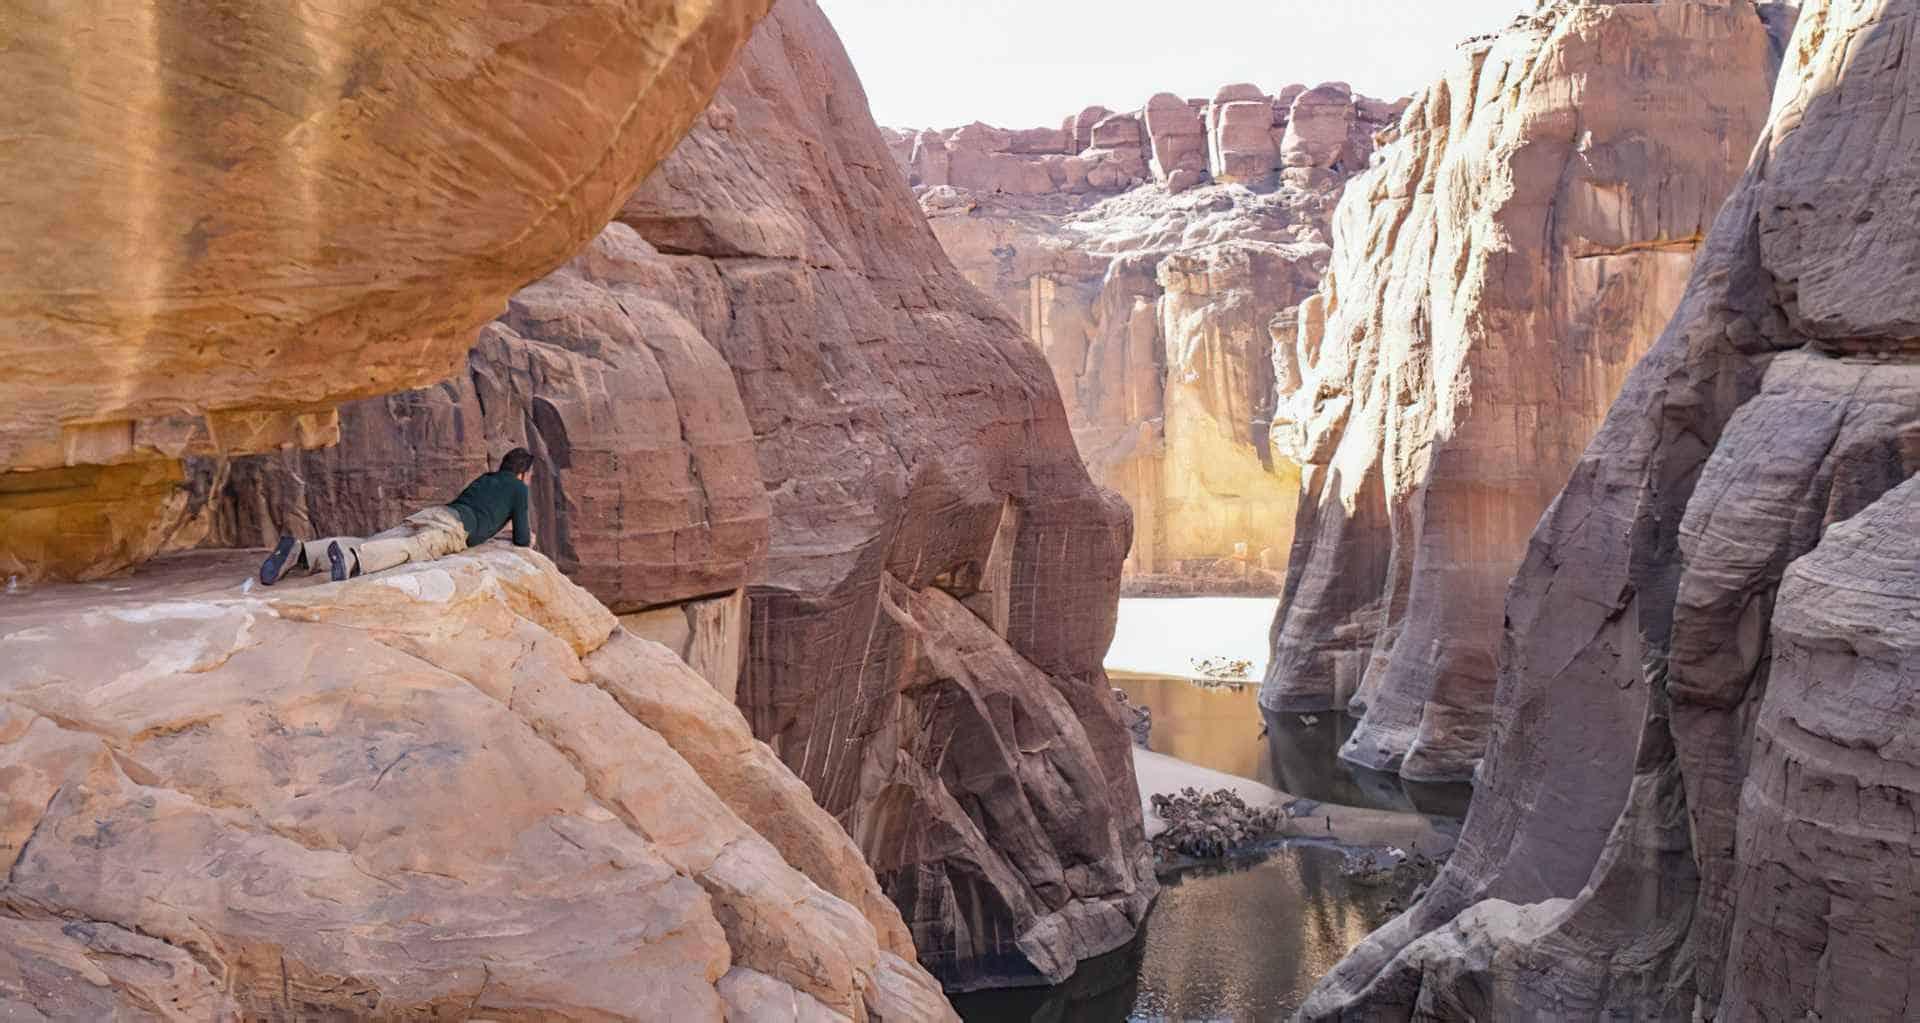 Foto de El Guelta de Archei, el oasis de camellos más famoso del Sáhara